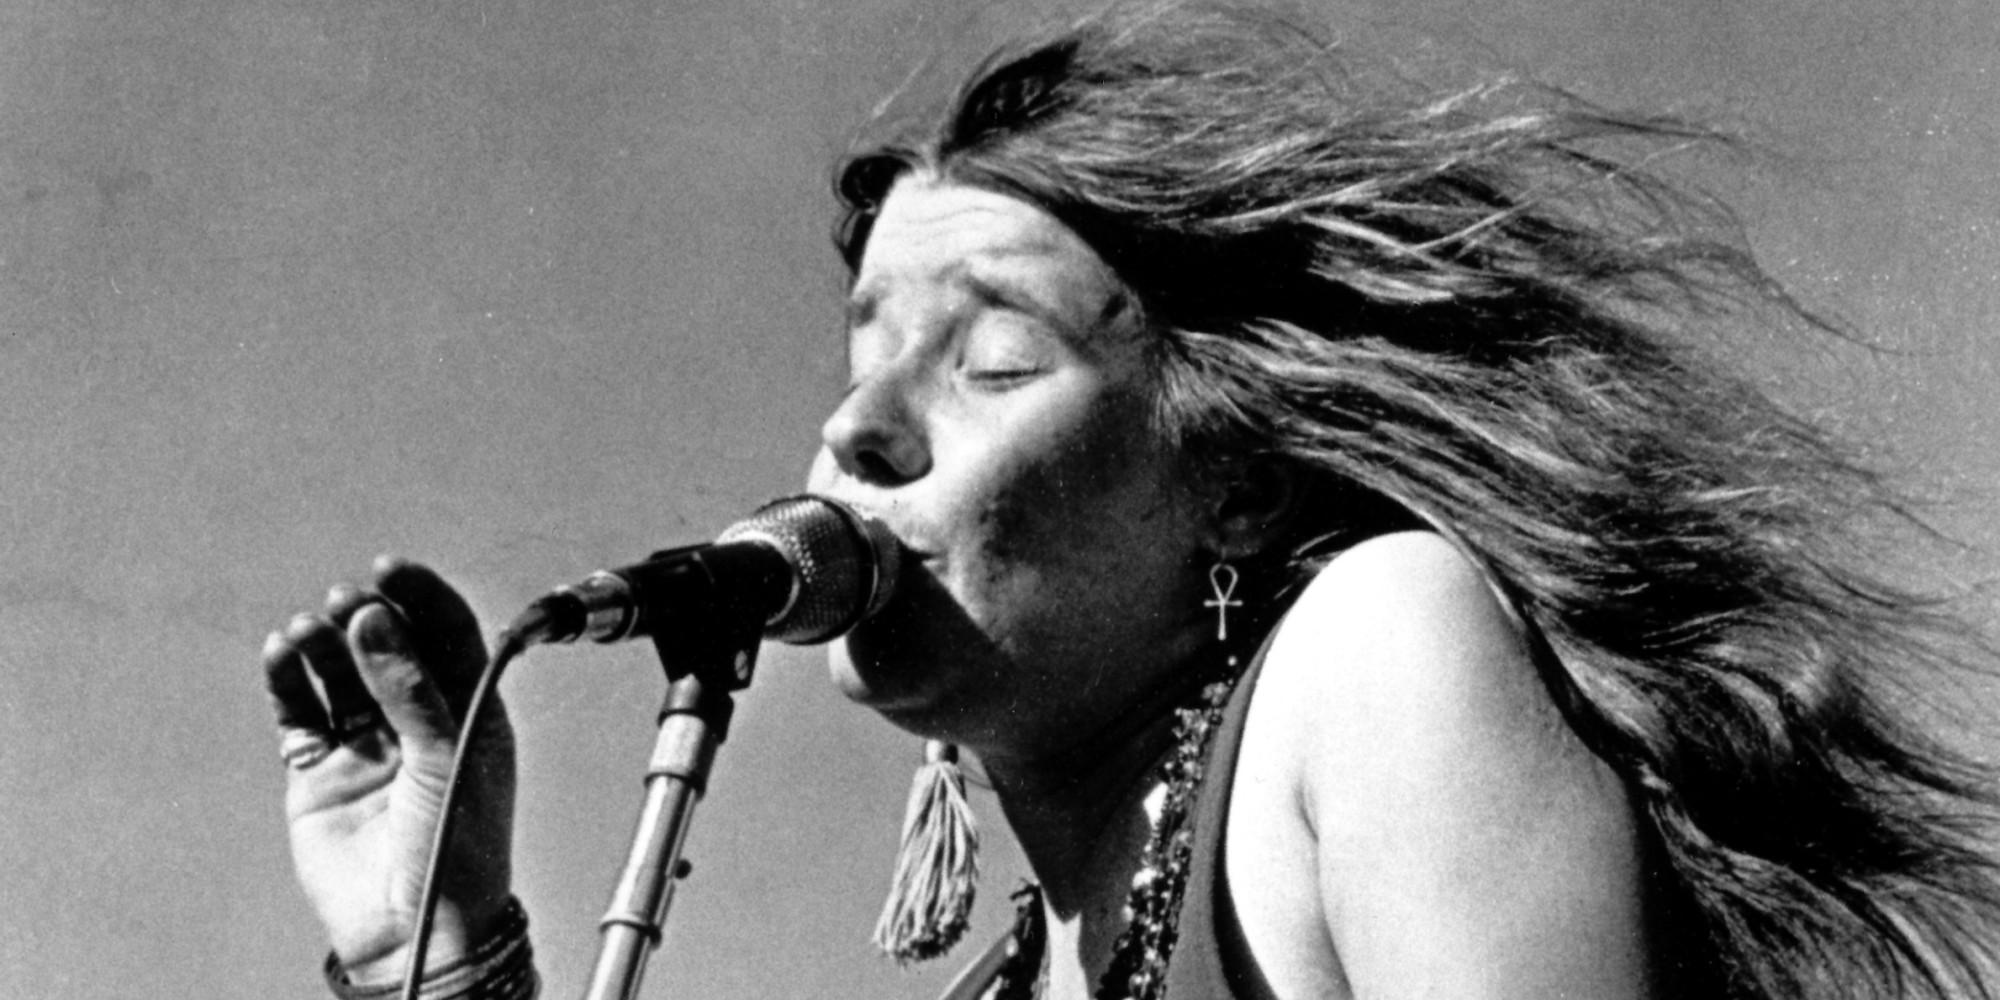 JANIS - … pour Janis Joplin, ici avec la chanson Piece of My Heart. D'abord enregistré par Erma Franklin en 1967, le titre rencontra une plus large audience avec la reprise du groupe Big Brother and the Holding Company, avec Janis Joplin comme chanteuse lead. Cette nouvelle version apparaît sur leur album Cheap Thrills, sorti en 1968. Jusqu'à sa mort en 1970, Piece of My Heart restera le plus grand succès de Joplin et sa chanson la plus connue.